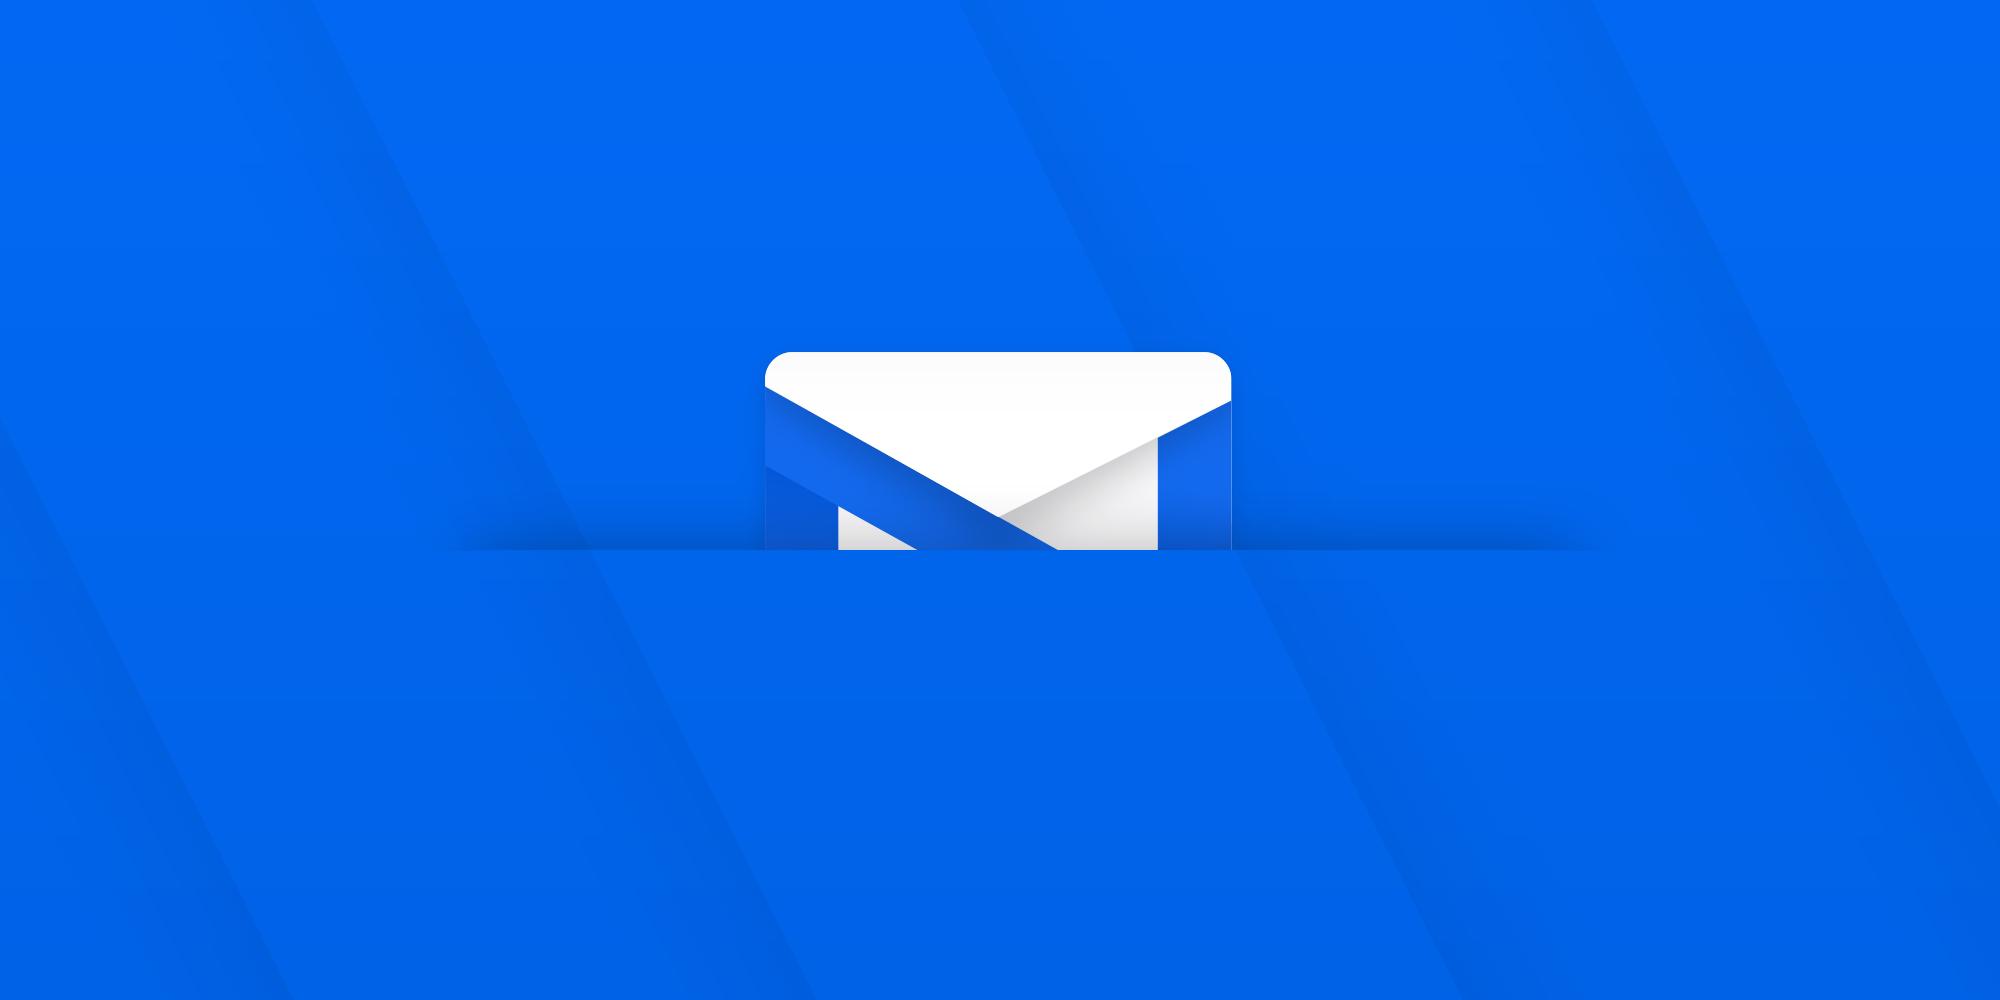 ligoda trading llc e mail cím hogyan lehet kezelni a bináris opciókat